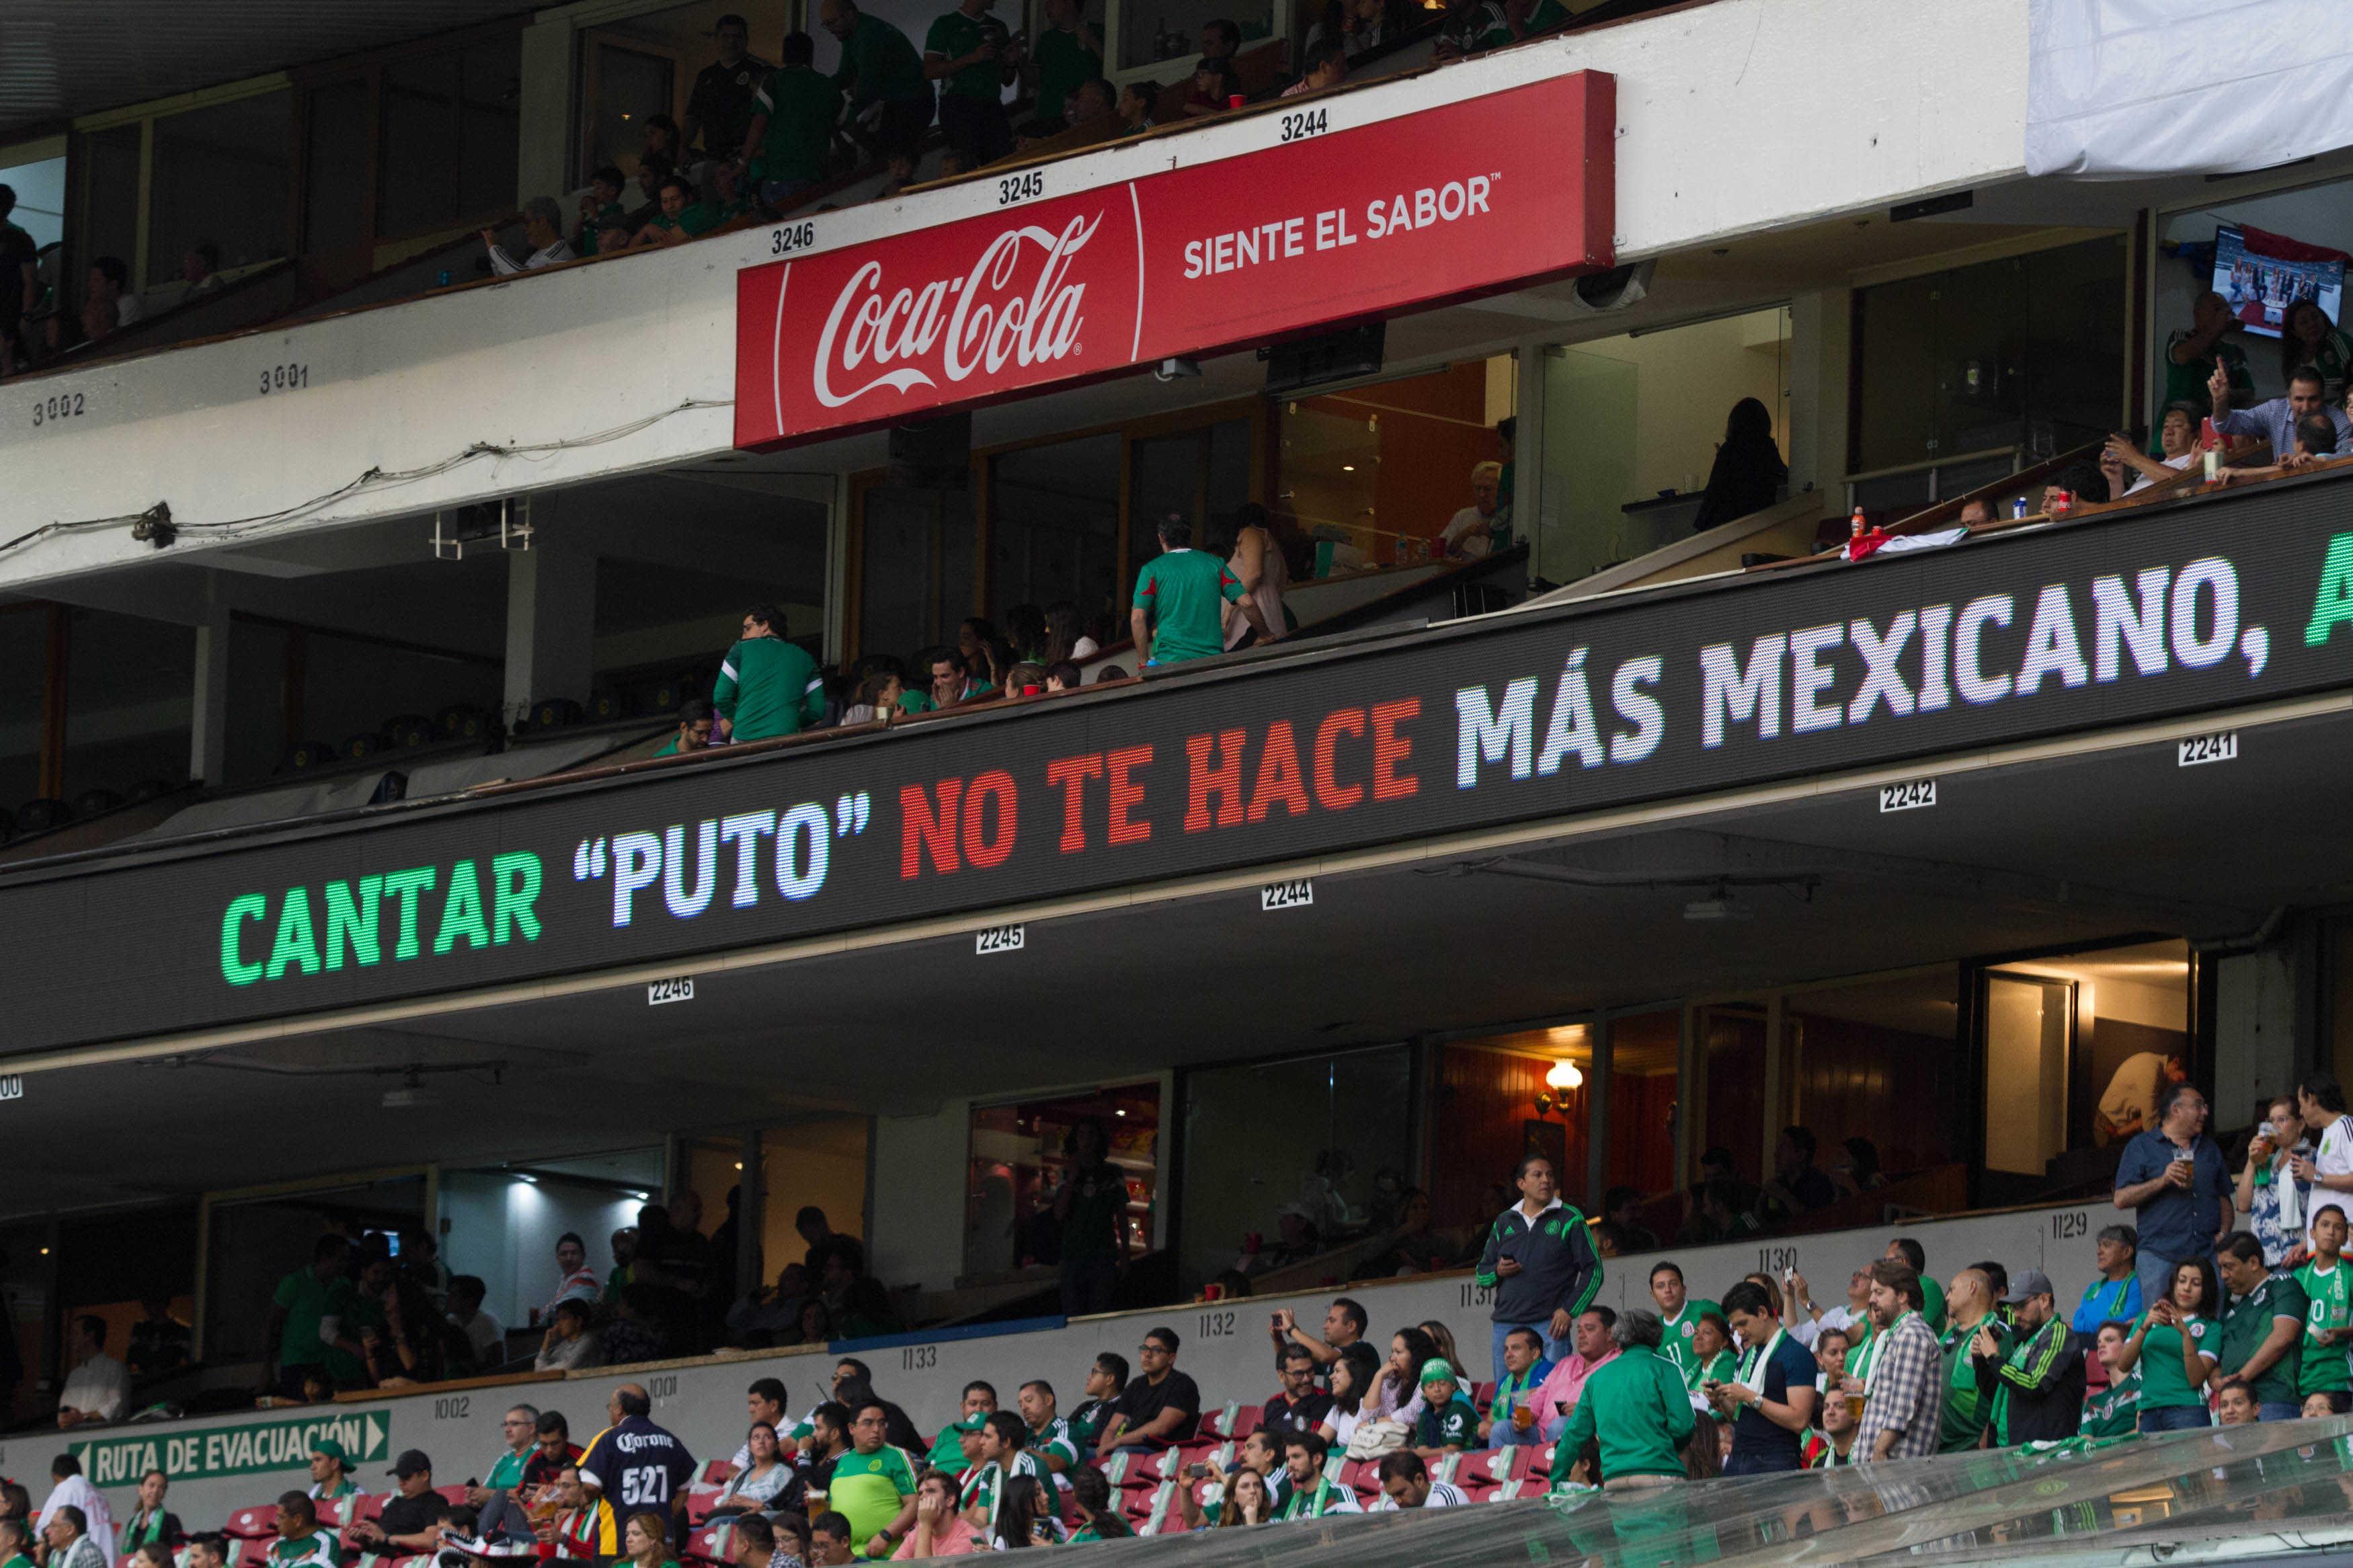 Liga Mx anuncia el cambio de nombre del torneo Apertura 2021 a Grita… México